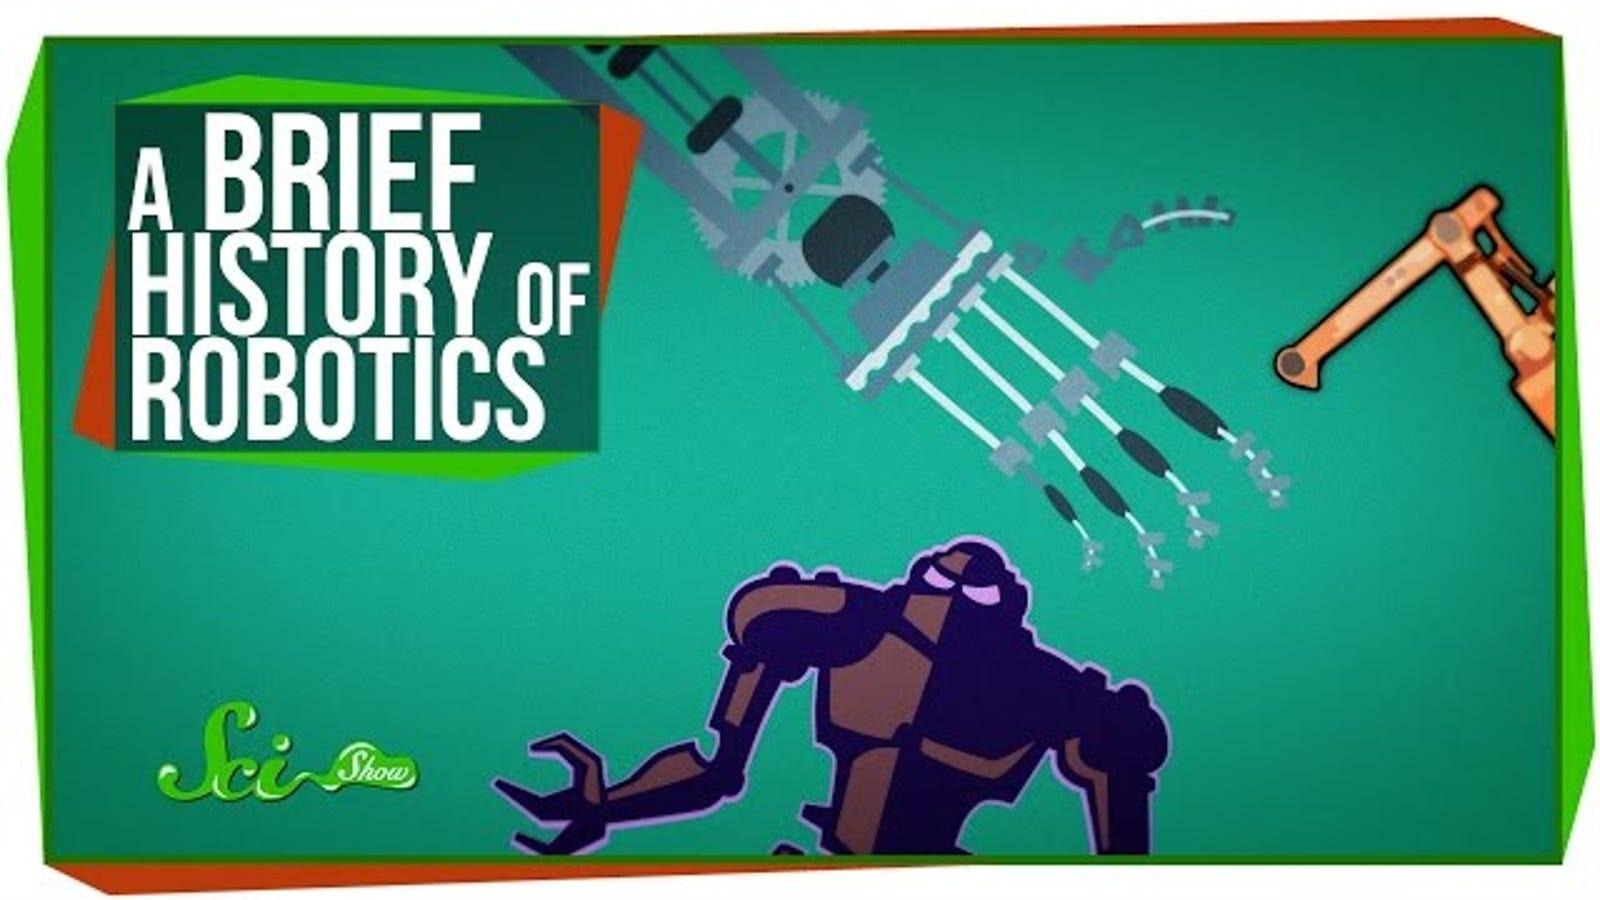 A Ten-Minute History of Robotics